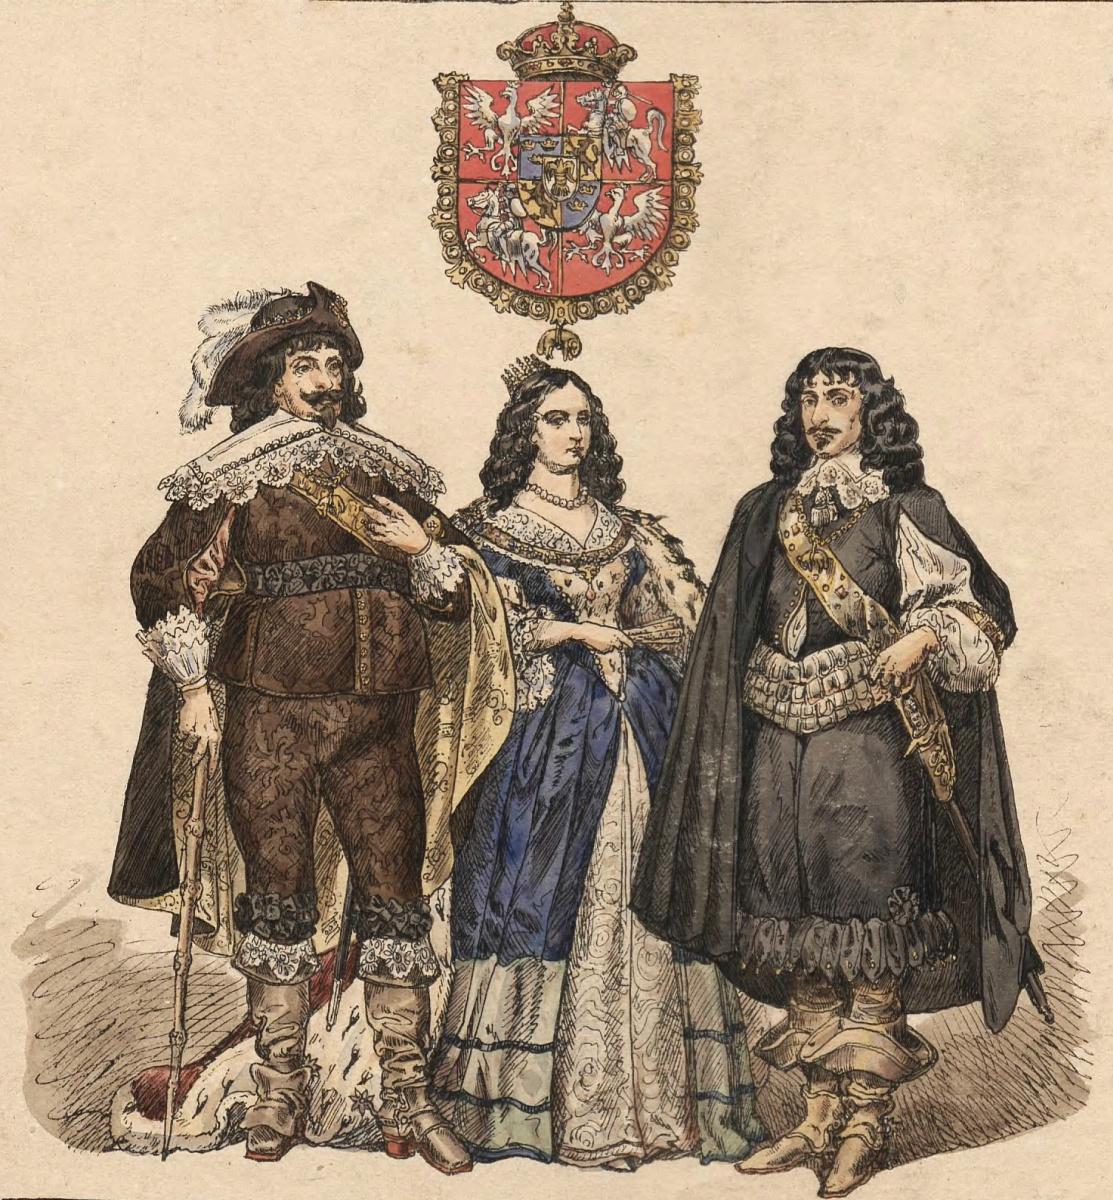 Ян Матейко. Владислав IV Ваза с женой Людвикой Марией и братом Яном Казимиром